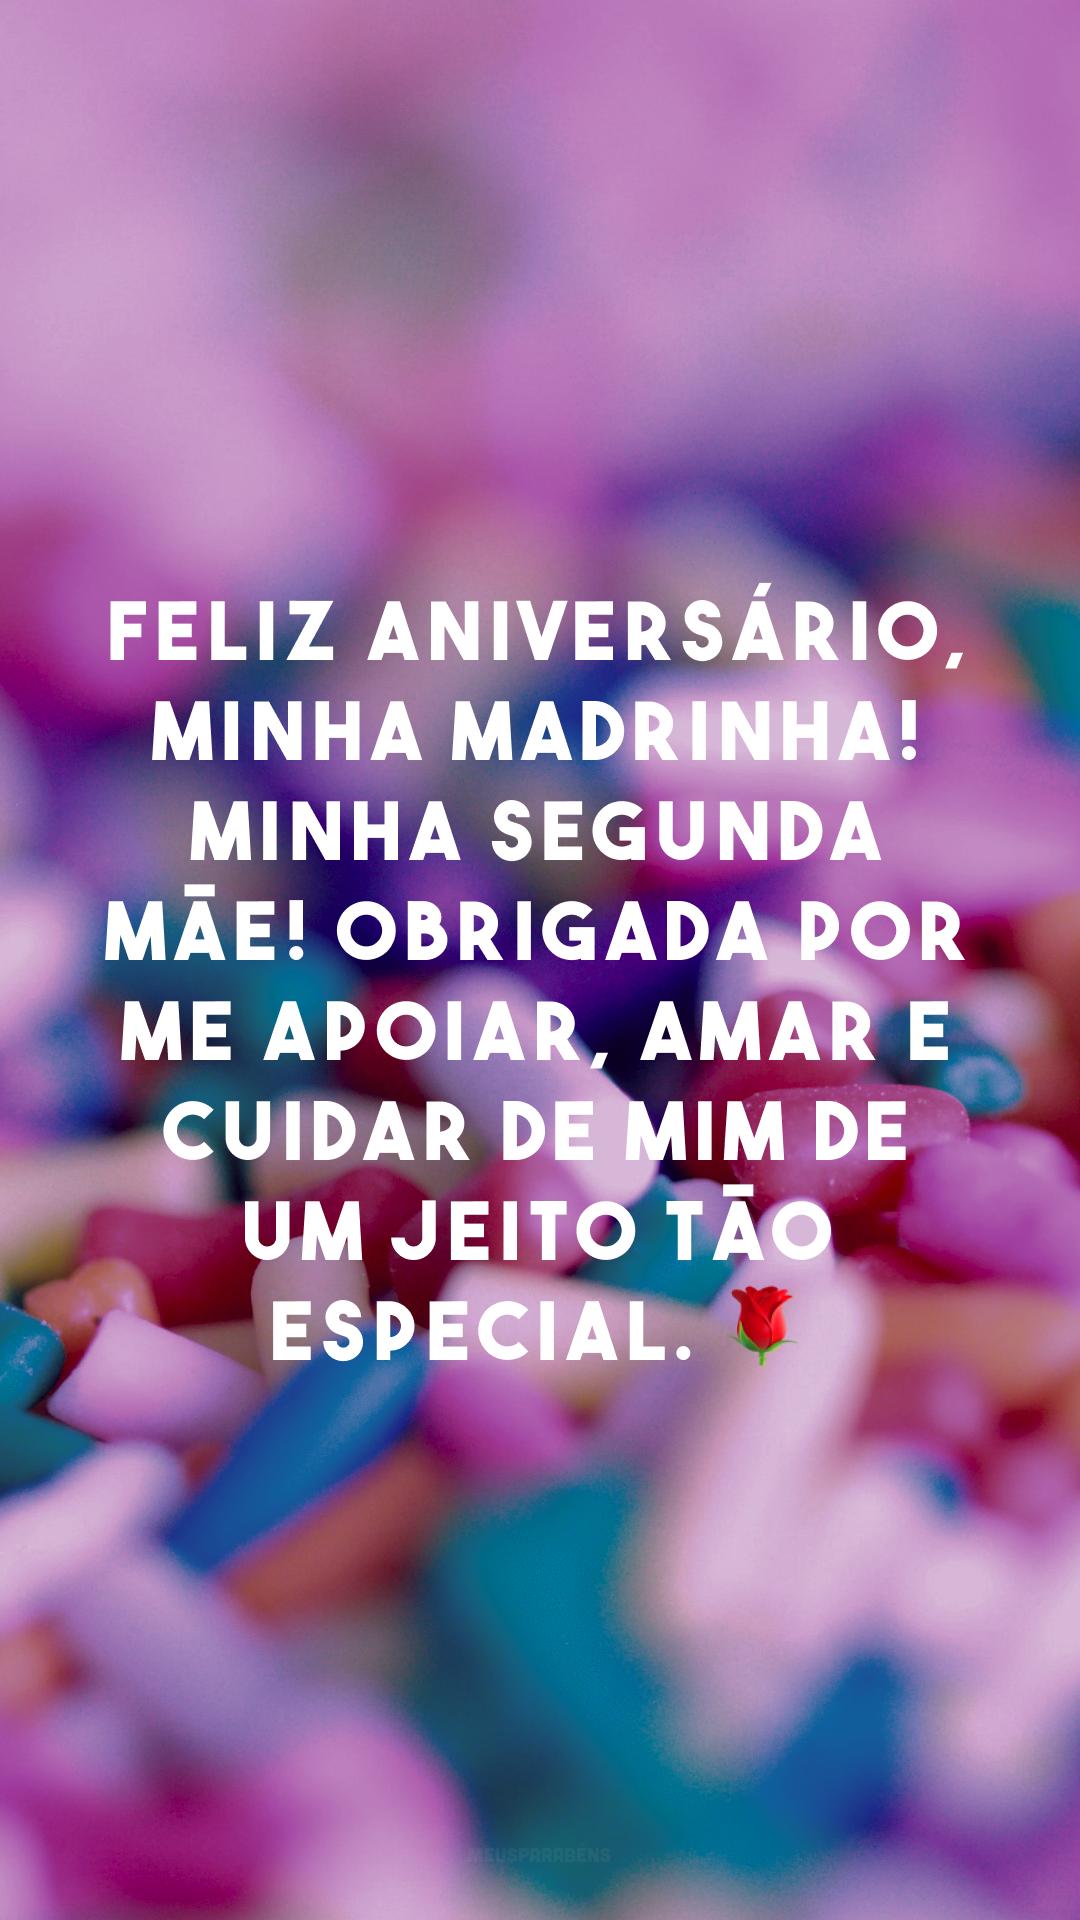 Feliz aniversário, minha madrinha! Minha segunda mãe! Obrigada por me apoiar, amar e cuidar de mim de um jeito tão especial. 🌹